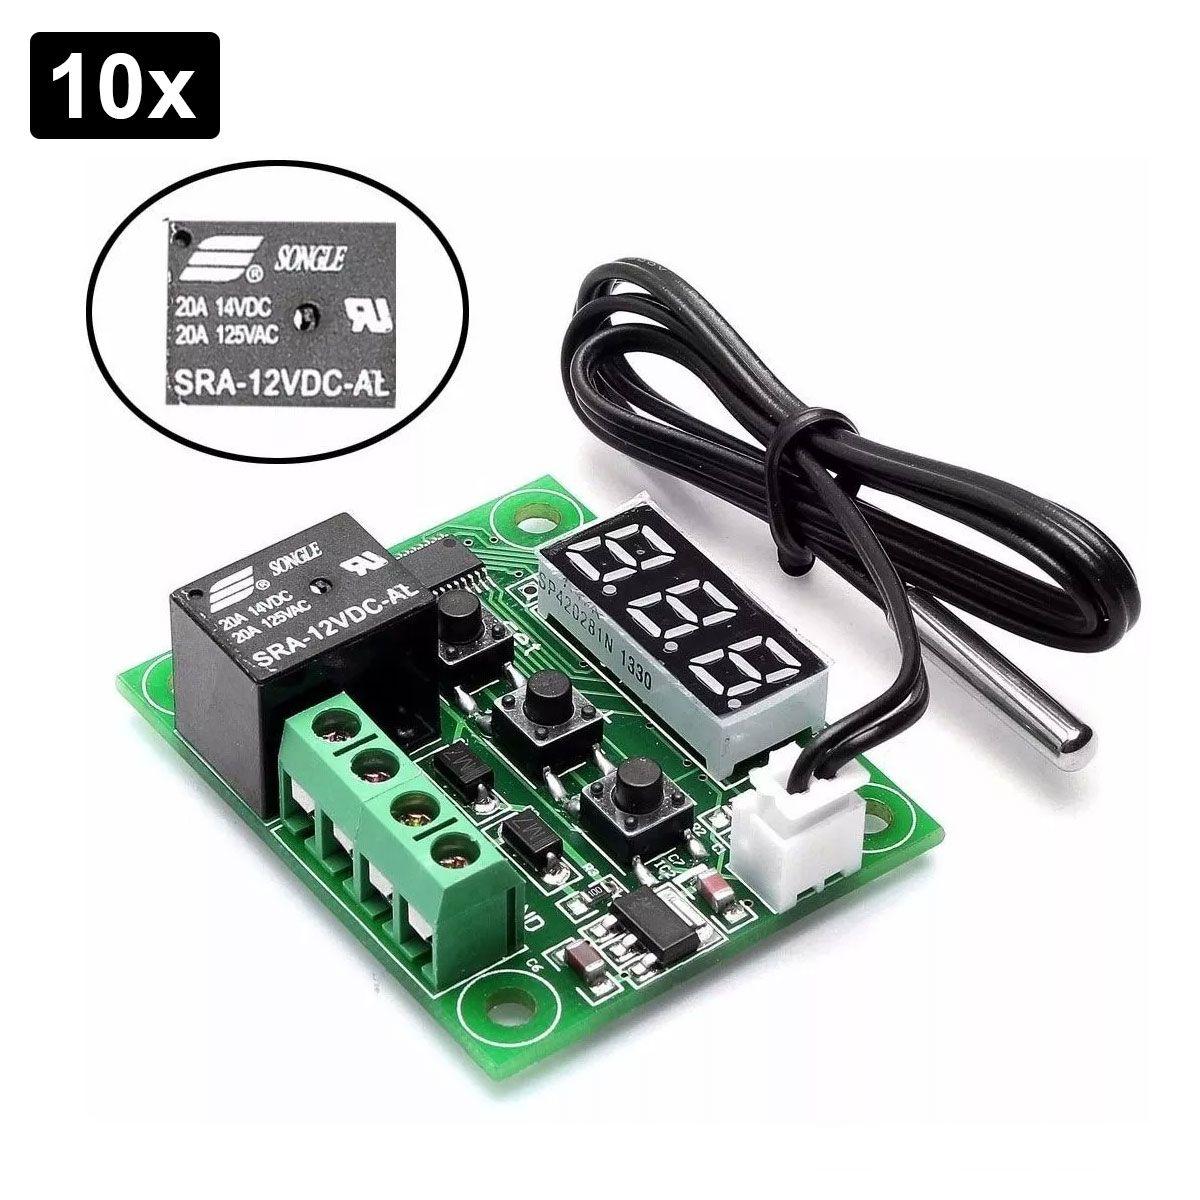 10x Termostato para Controle de Temperatura w1209 125VAC Chocadeira